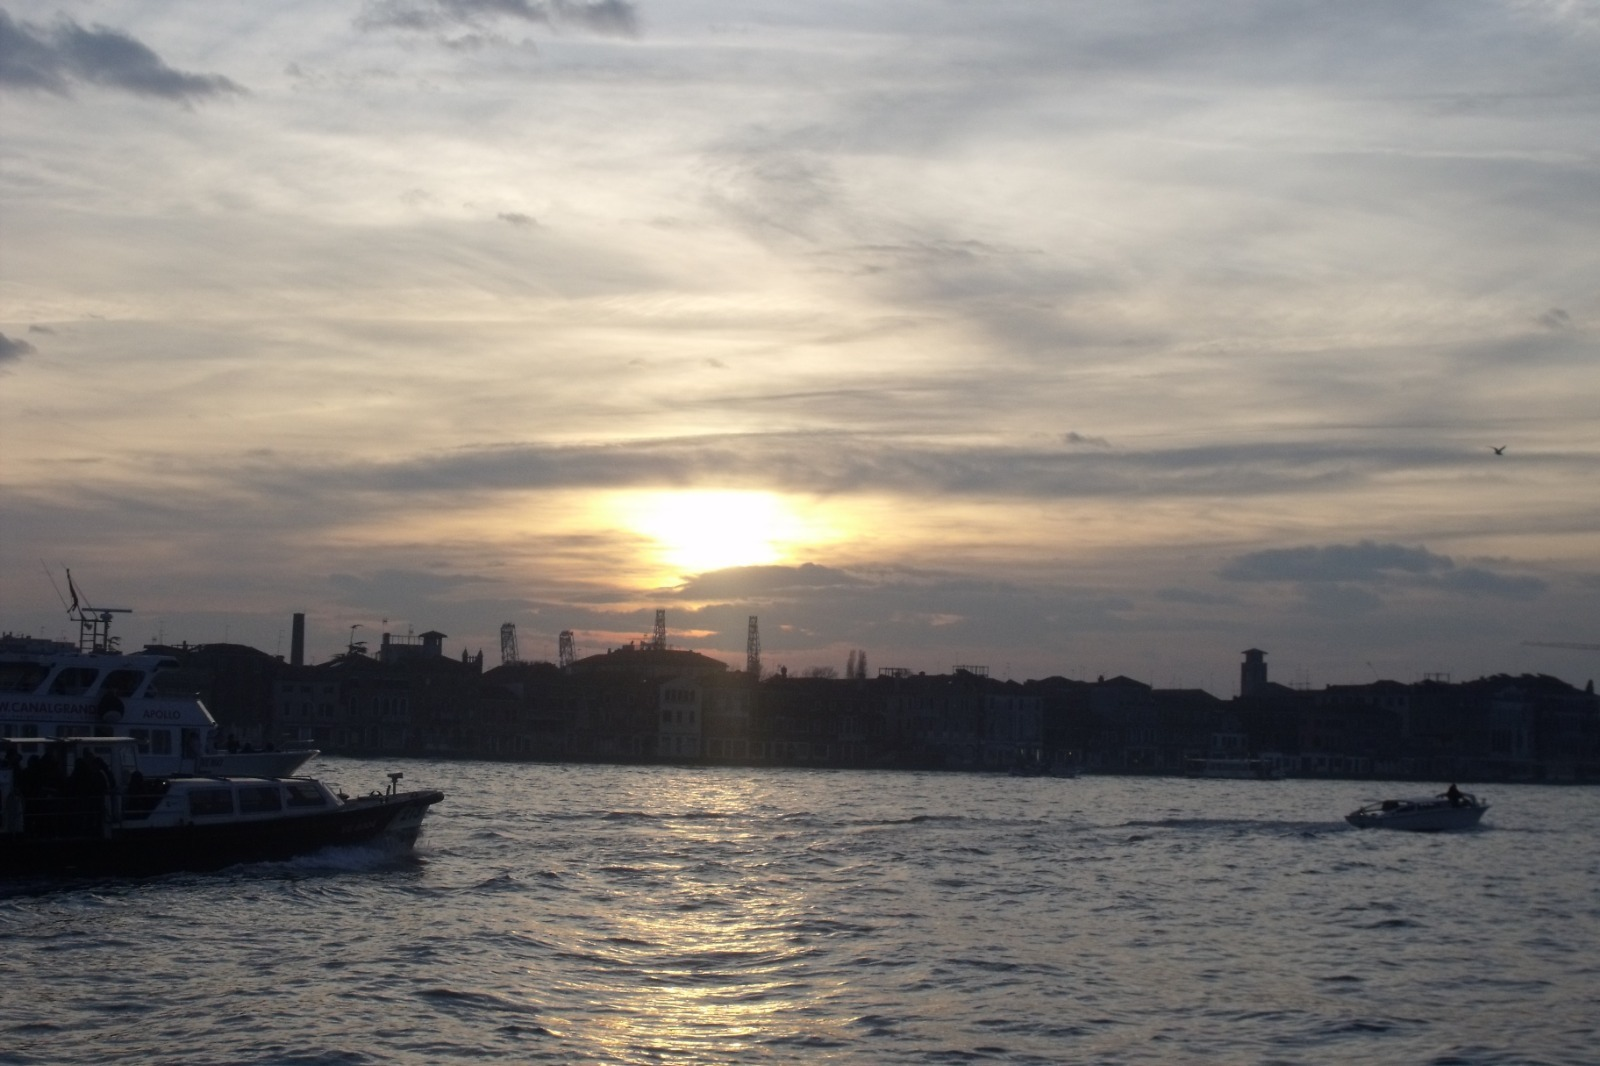 venezia18-1600183317.jpg